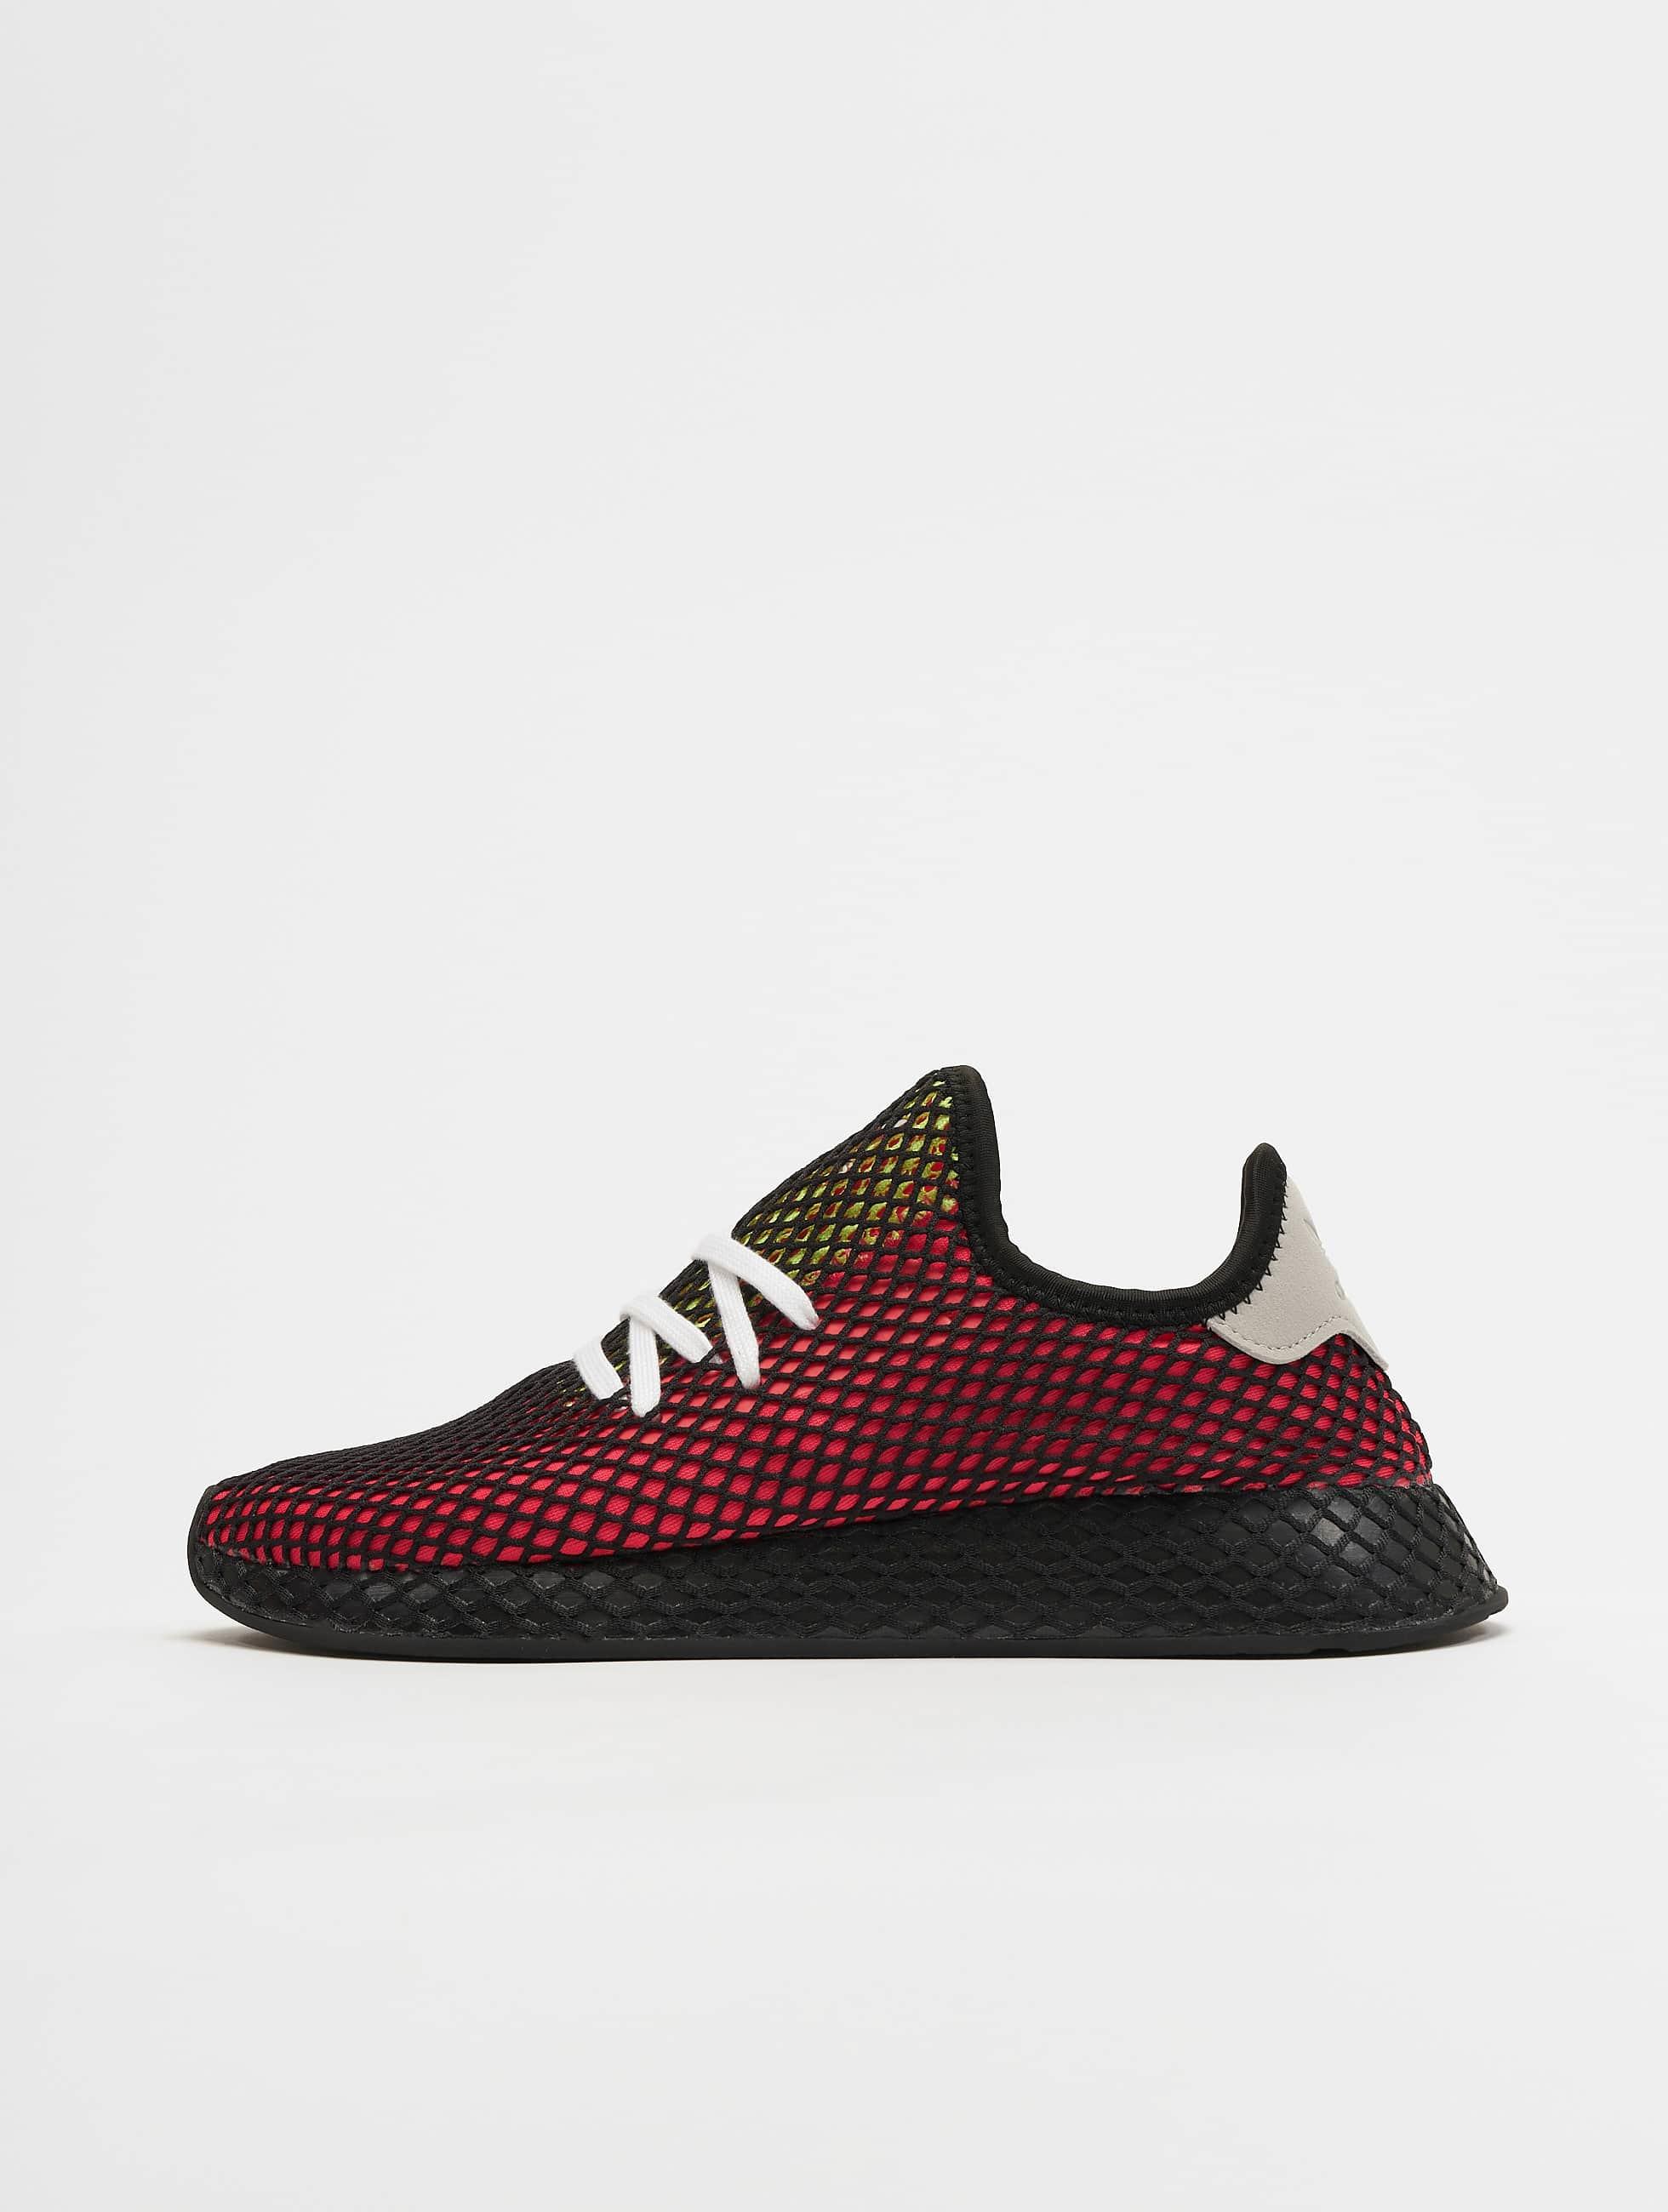 adidas Originals Deerupt Runner Sneakers Shock RedRealilCore Black